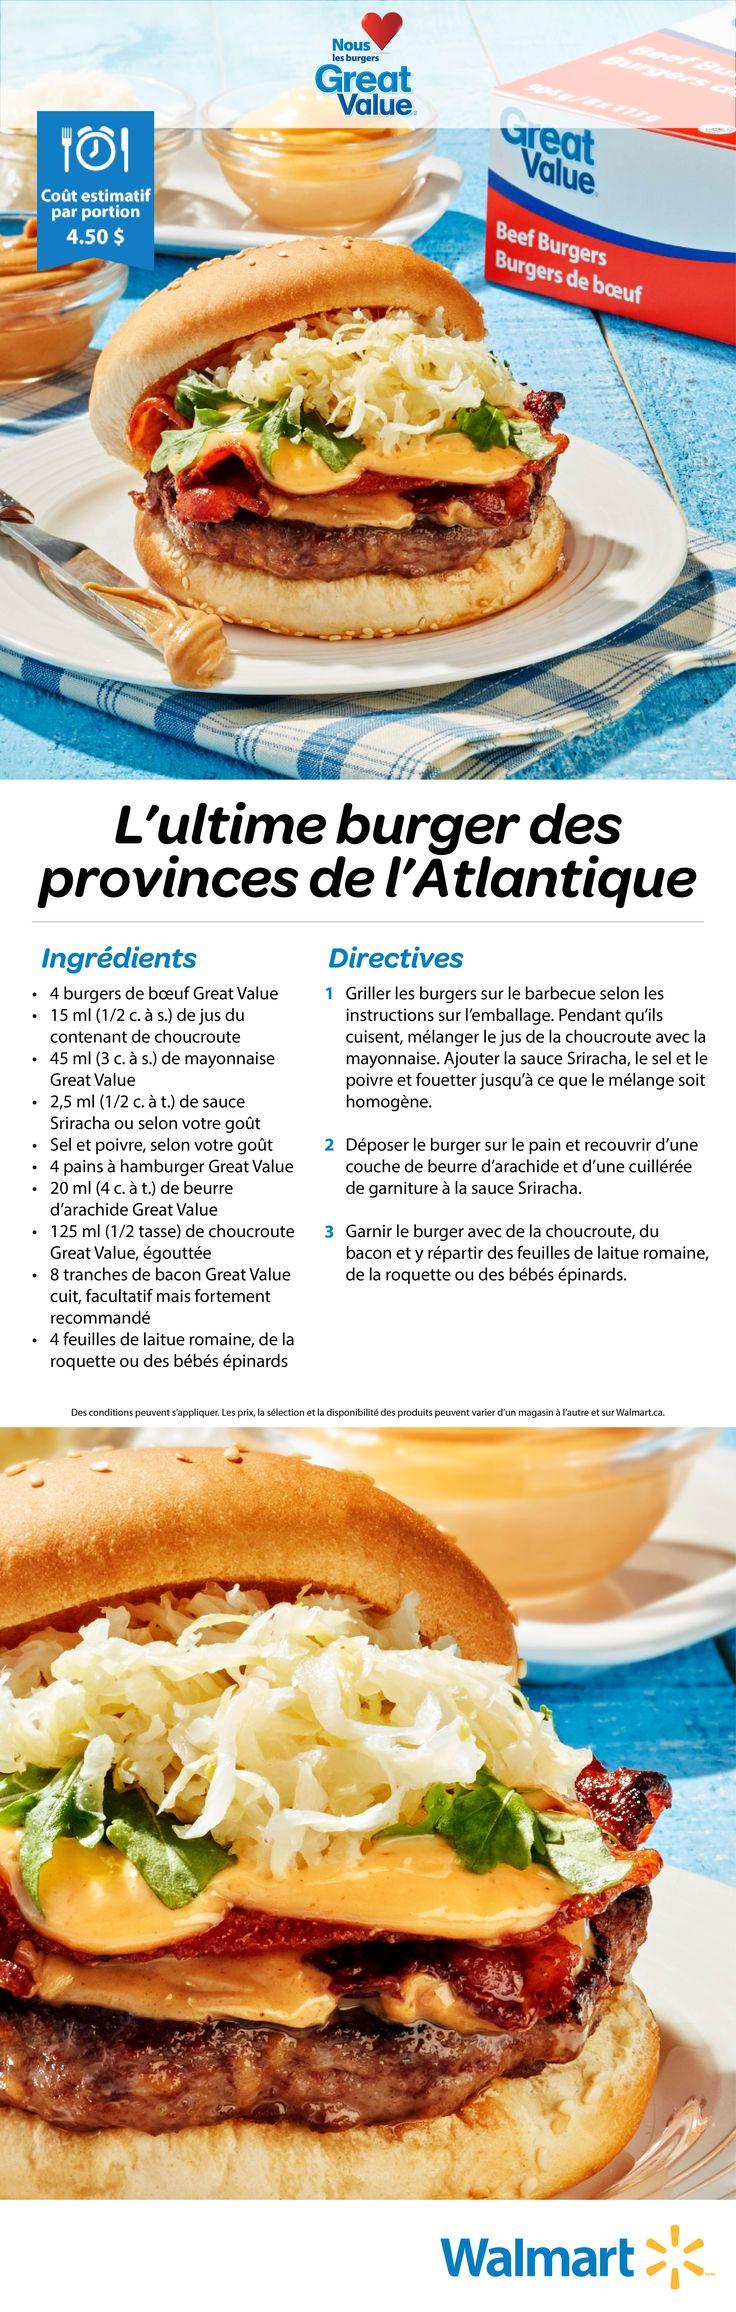 Épicé et sucré, notre burger des provinces de l'Atlantique combine les meilleures saveurs pour le burger contenues dans nos produits Great Value! #bbq #recettesdebbq #recettesdeburgers #hamburgers #bbqdanslacour #réceptionestivale #meilleursburgers #recettesestivales  #pausebifteck